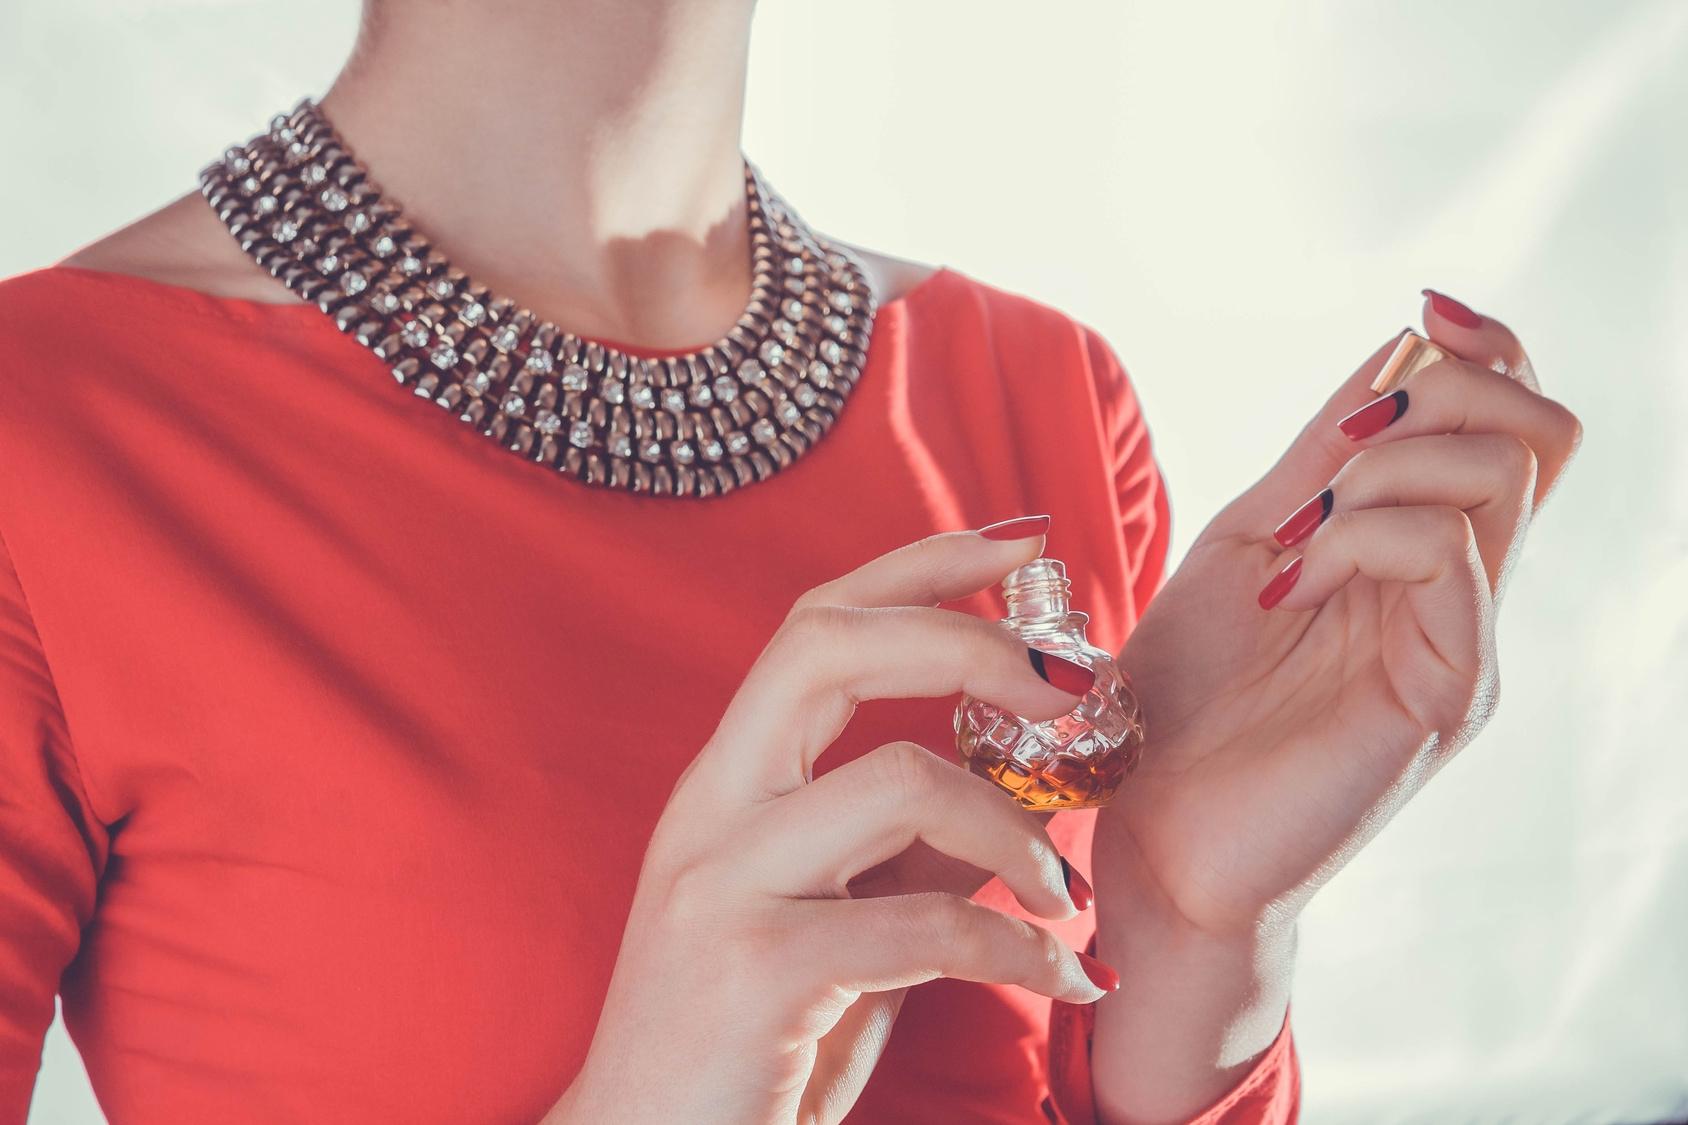 Aplikowanie perfum